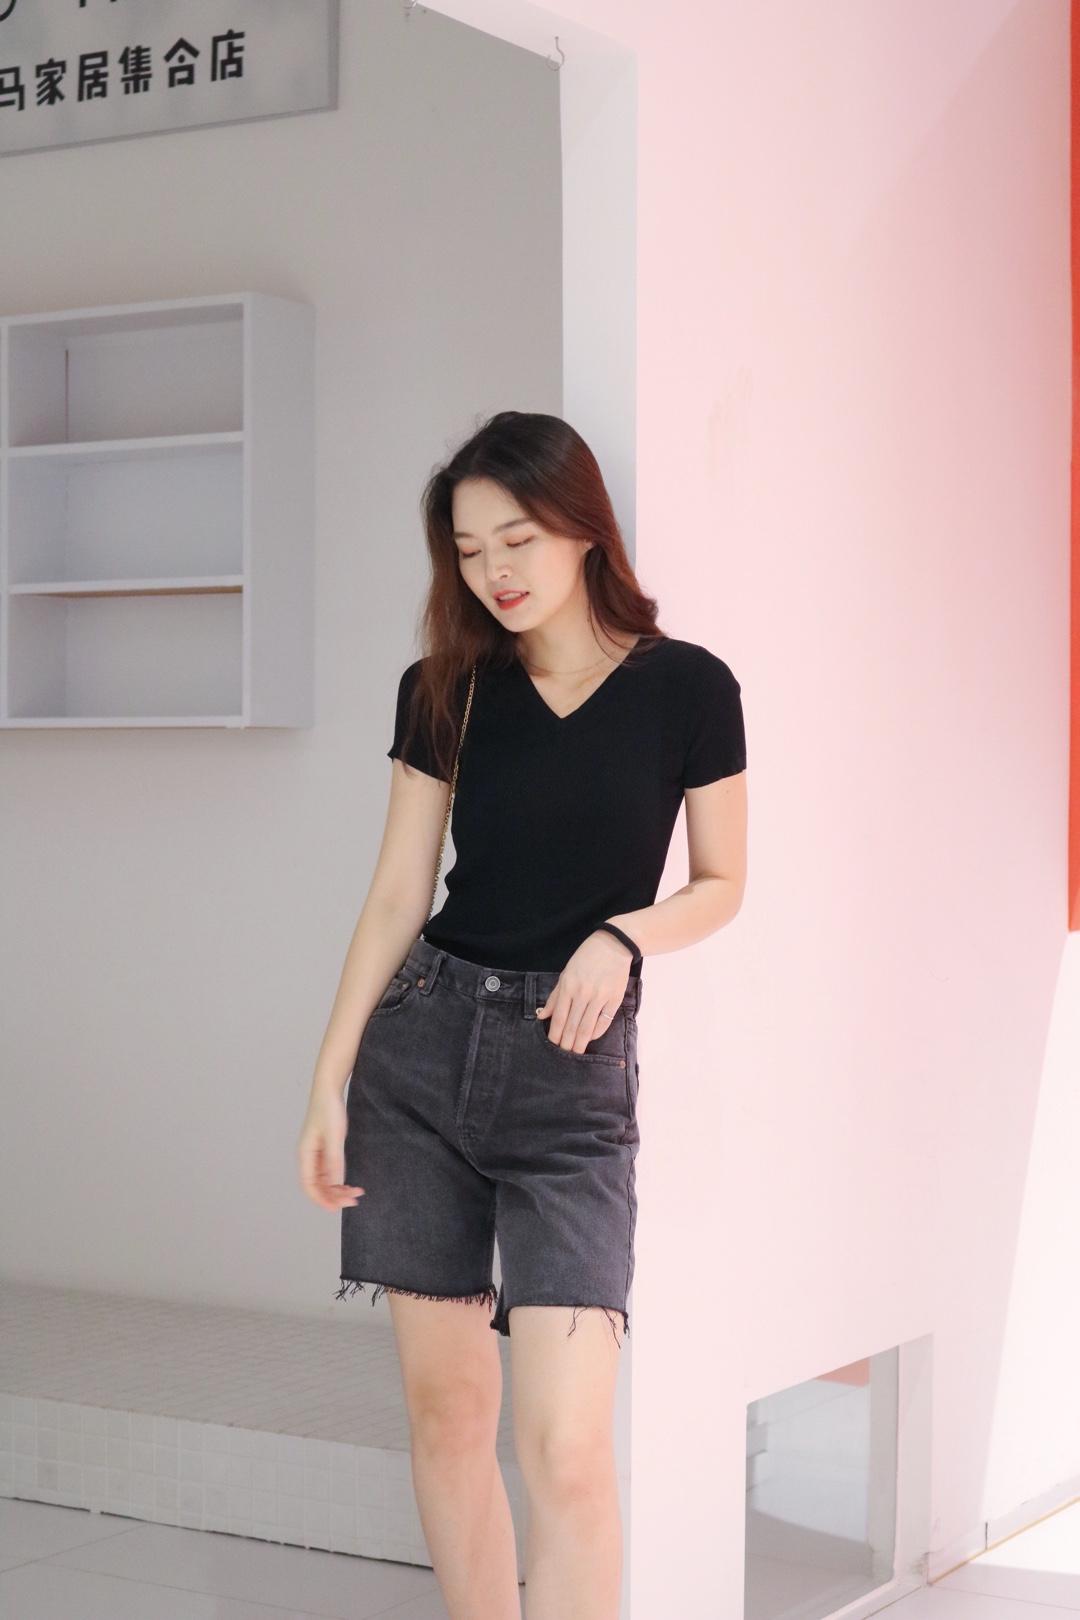 今年大火的老爹裤,这样一套也太好看了吧,搭配上简约的黑色T简直不要太气质呀,回头率很高的一套#七夕!男友眼中的100分穿搭!#